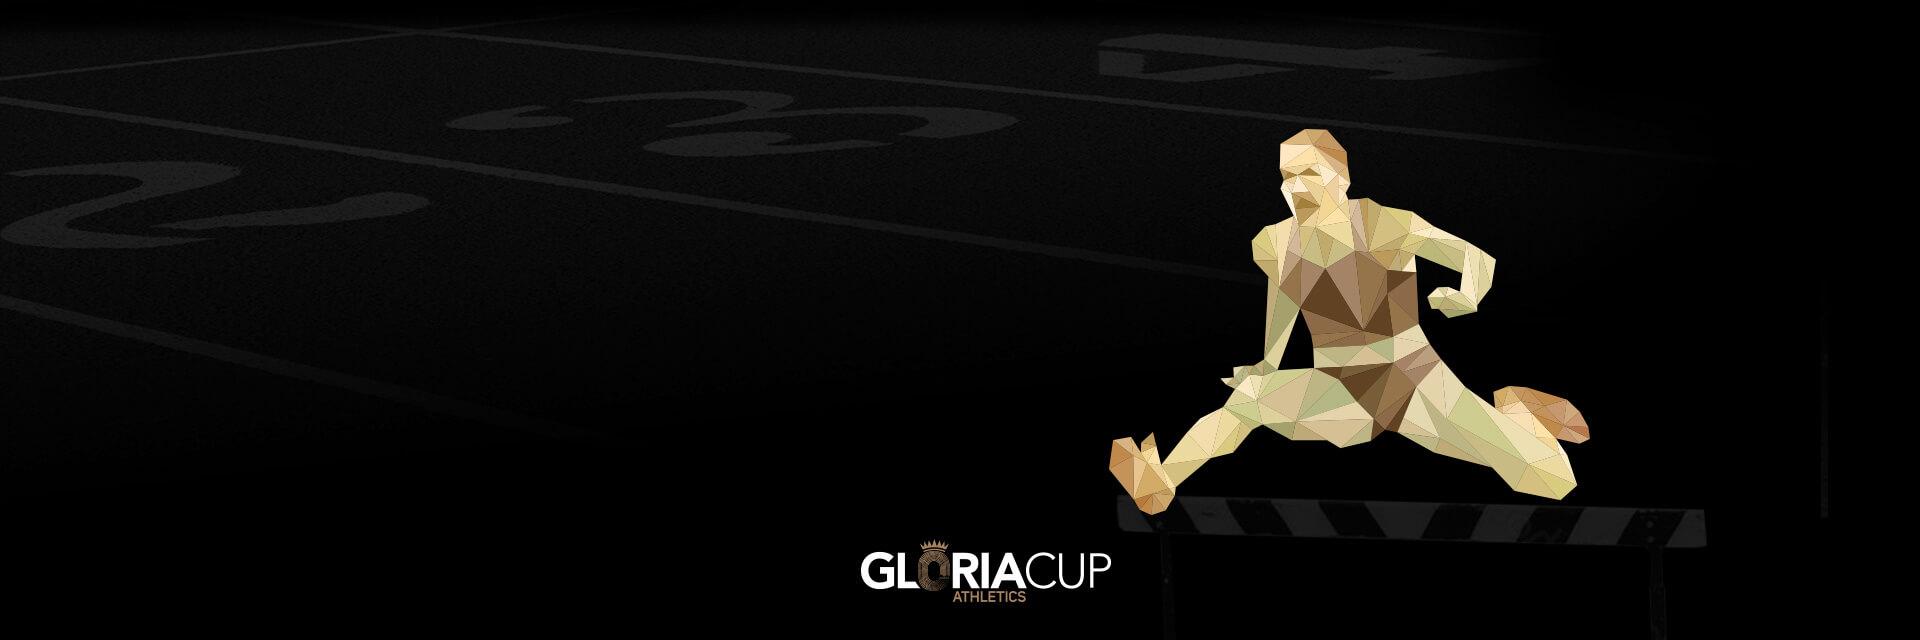 gloriasportsarena-atletizm-gloriacup-6